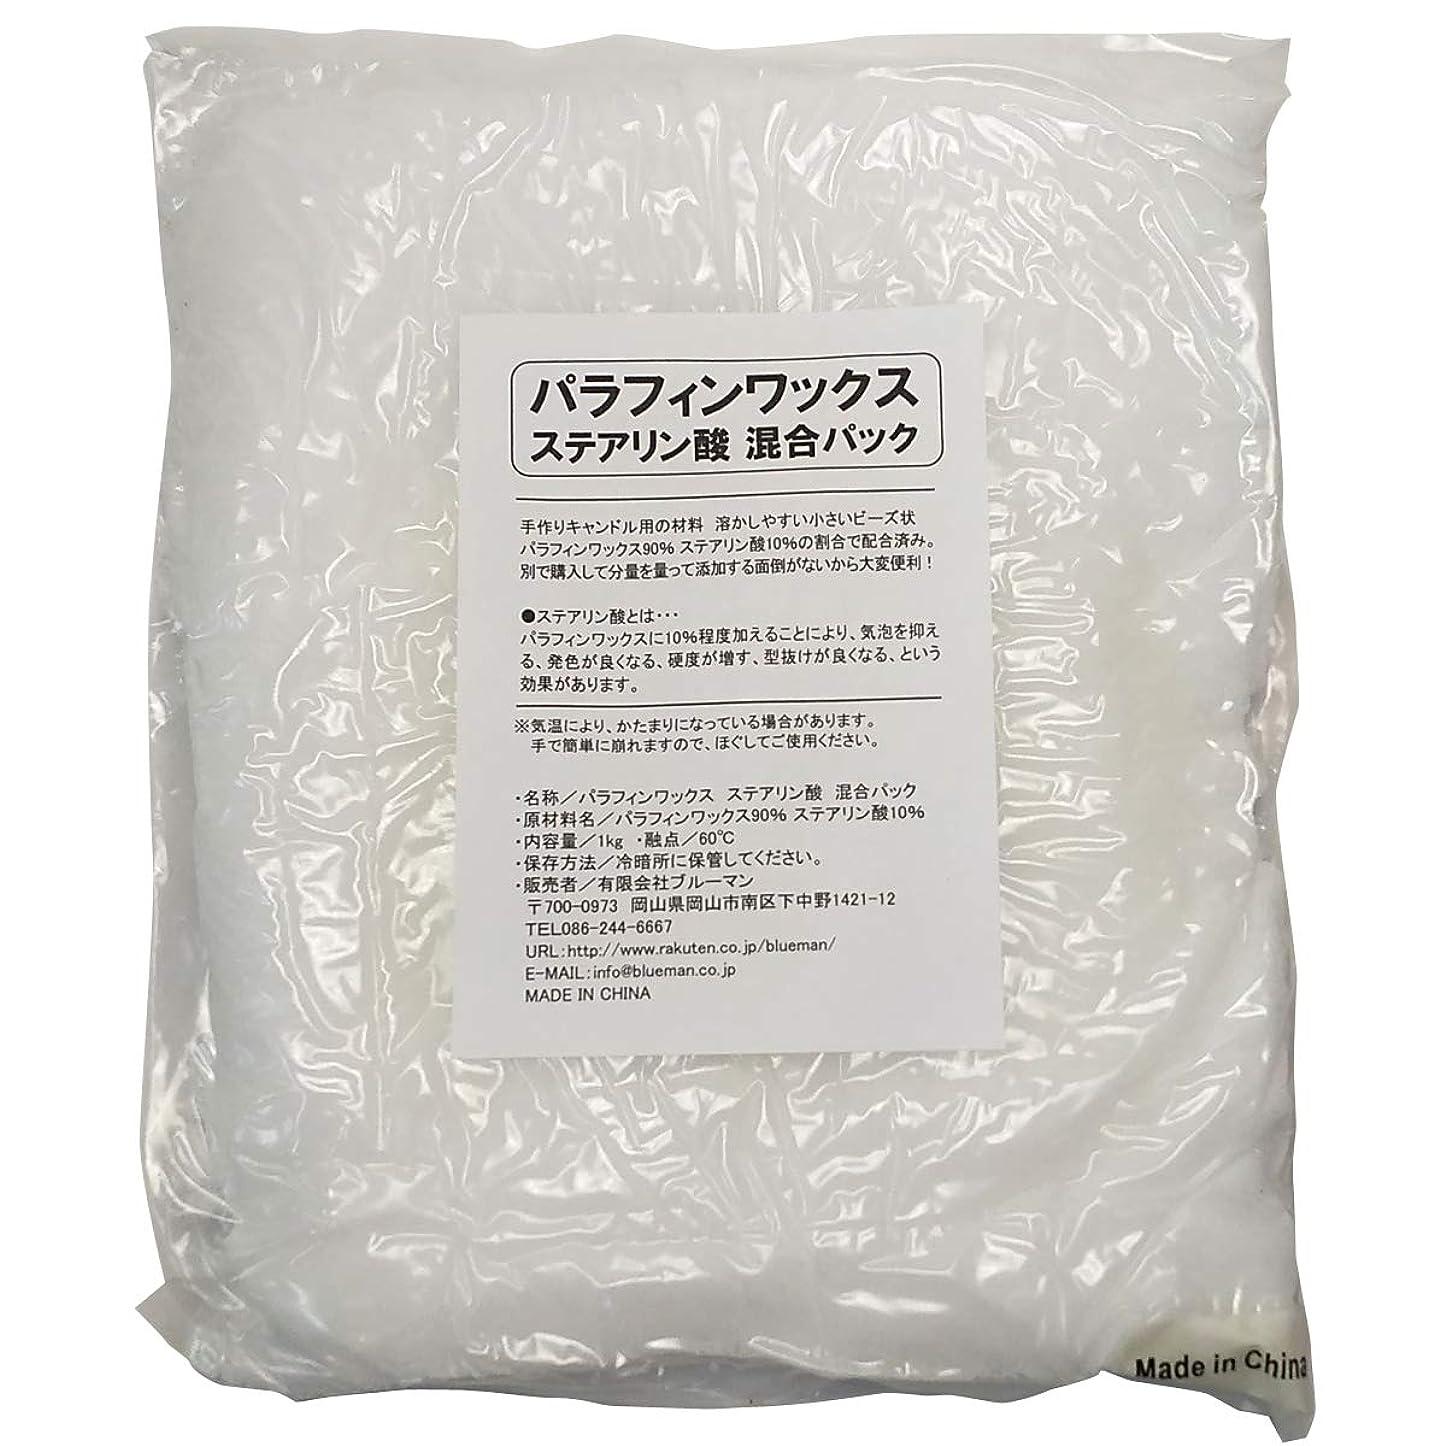 生理カメおばあさんパラフィンワックス ステアリン酸 混合パック 1kg 手作りキャンドル 材料 1キロ アロマワックスサシェ